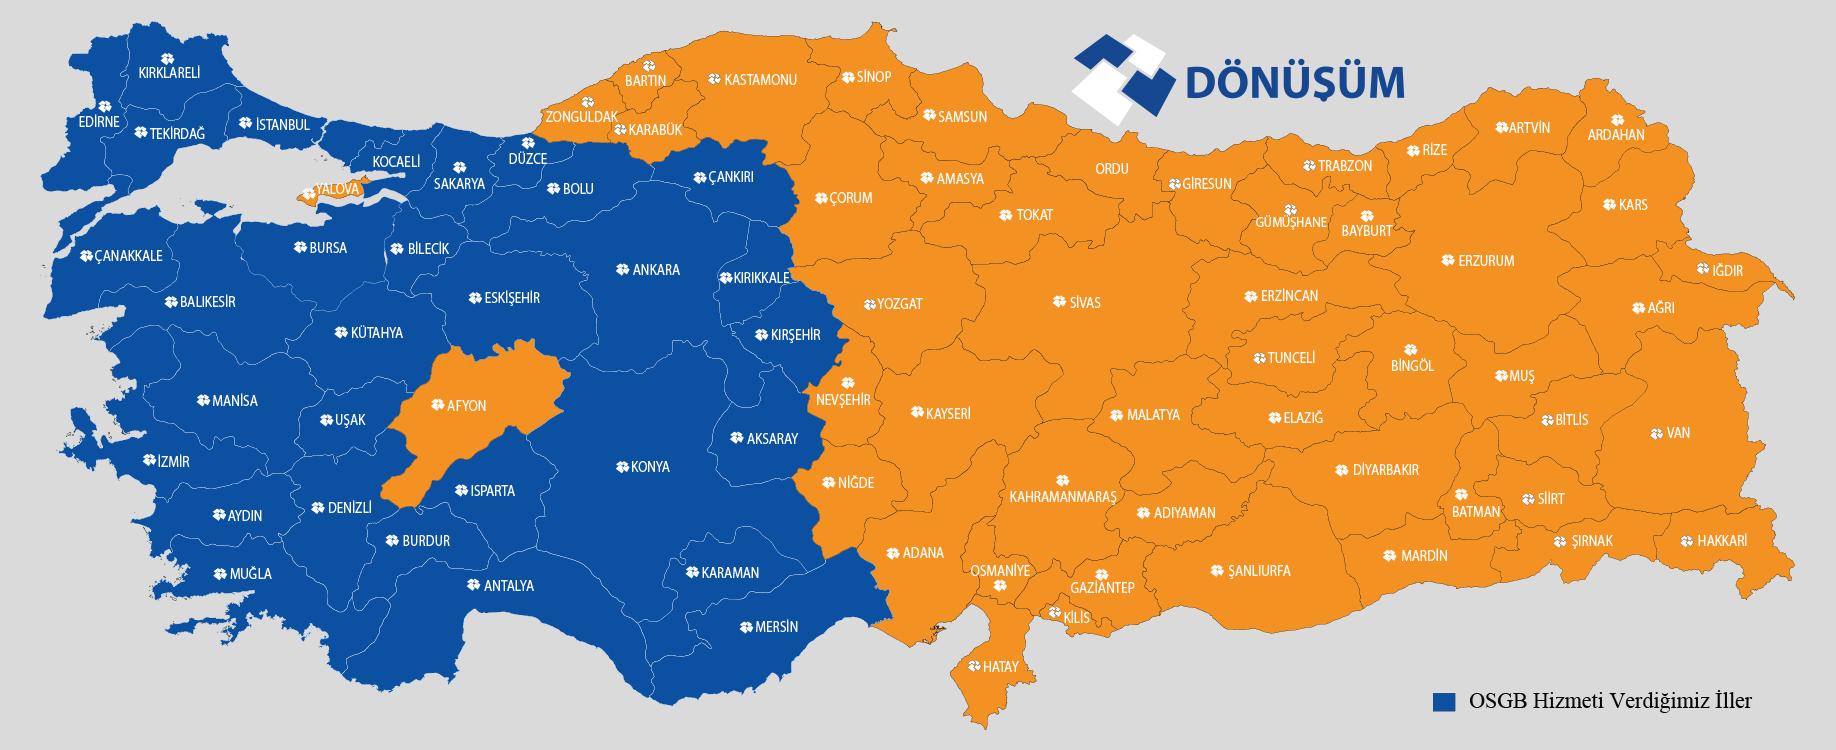 osgb_hizmetleri_verdiğimiz_iller_turkiye_haritasi-1